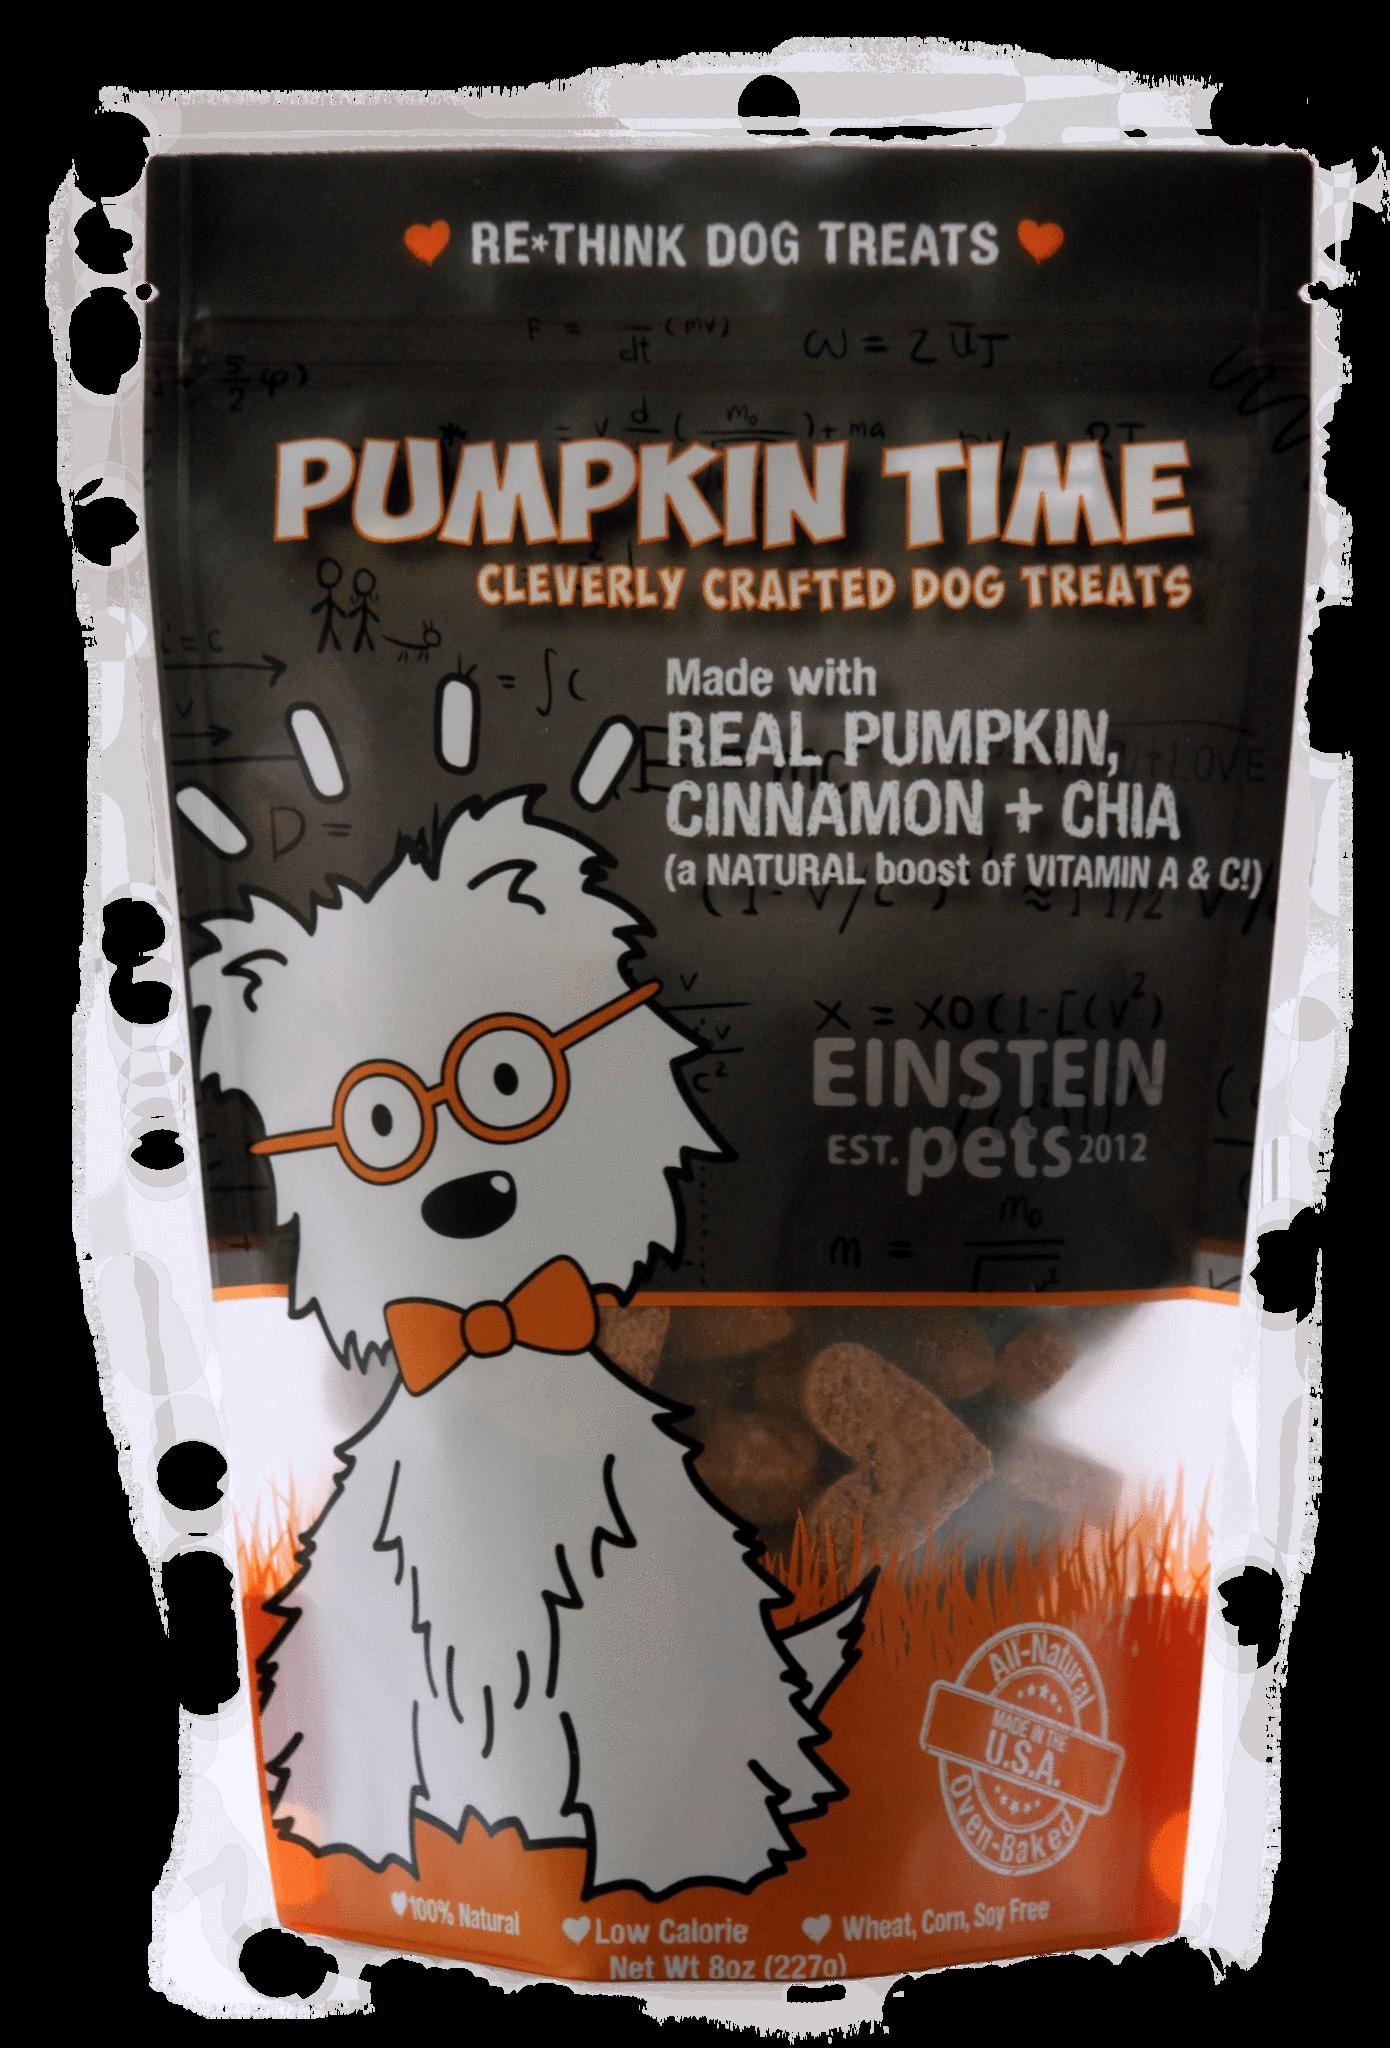 Einstein Pets Treats Pumpkin Time